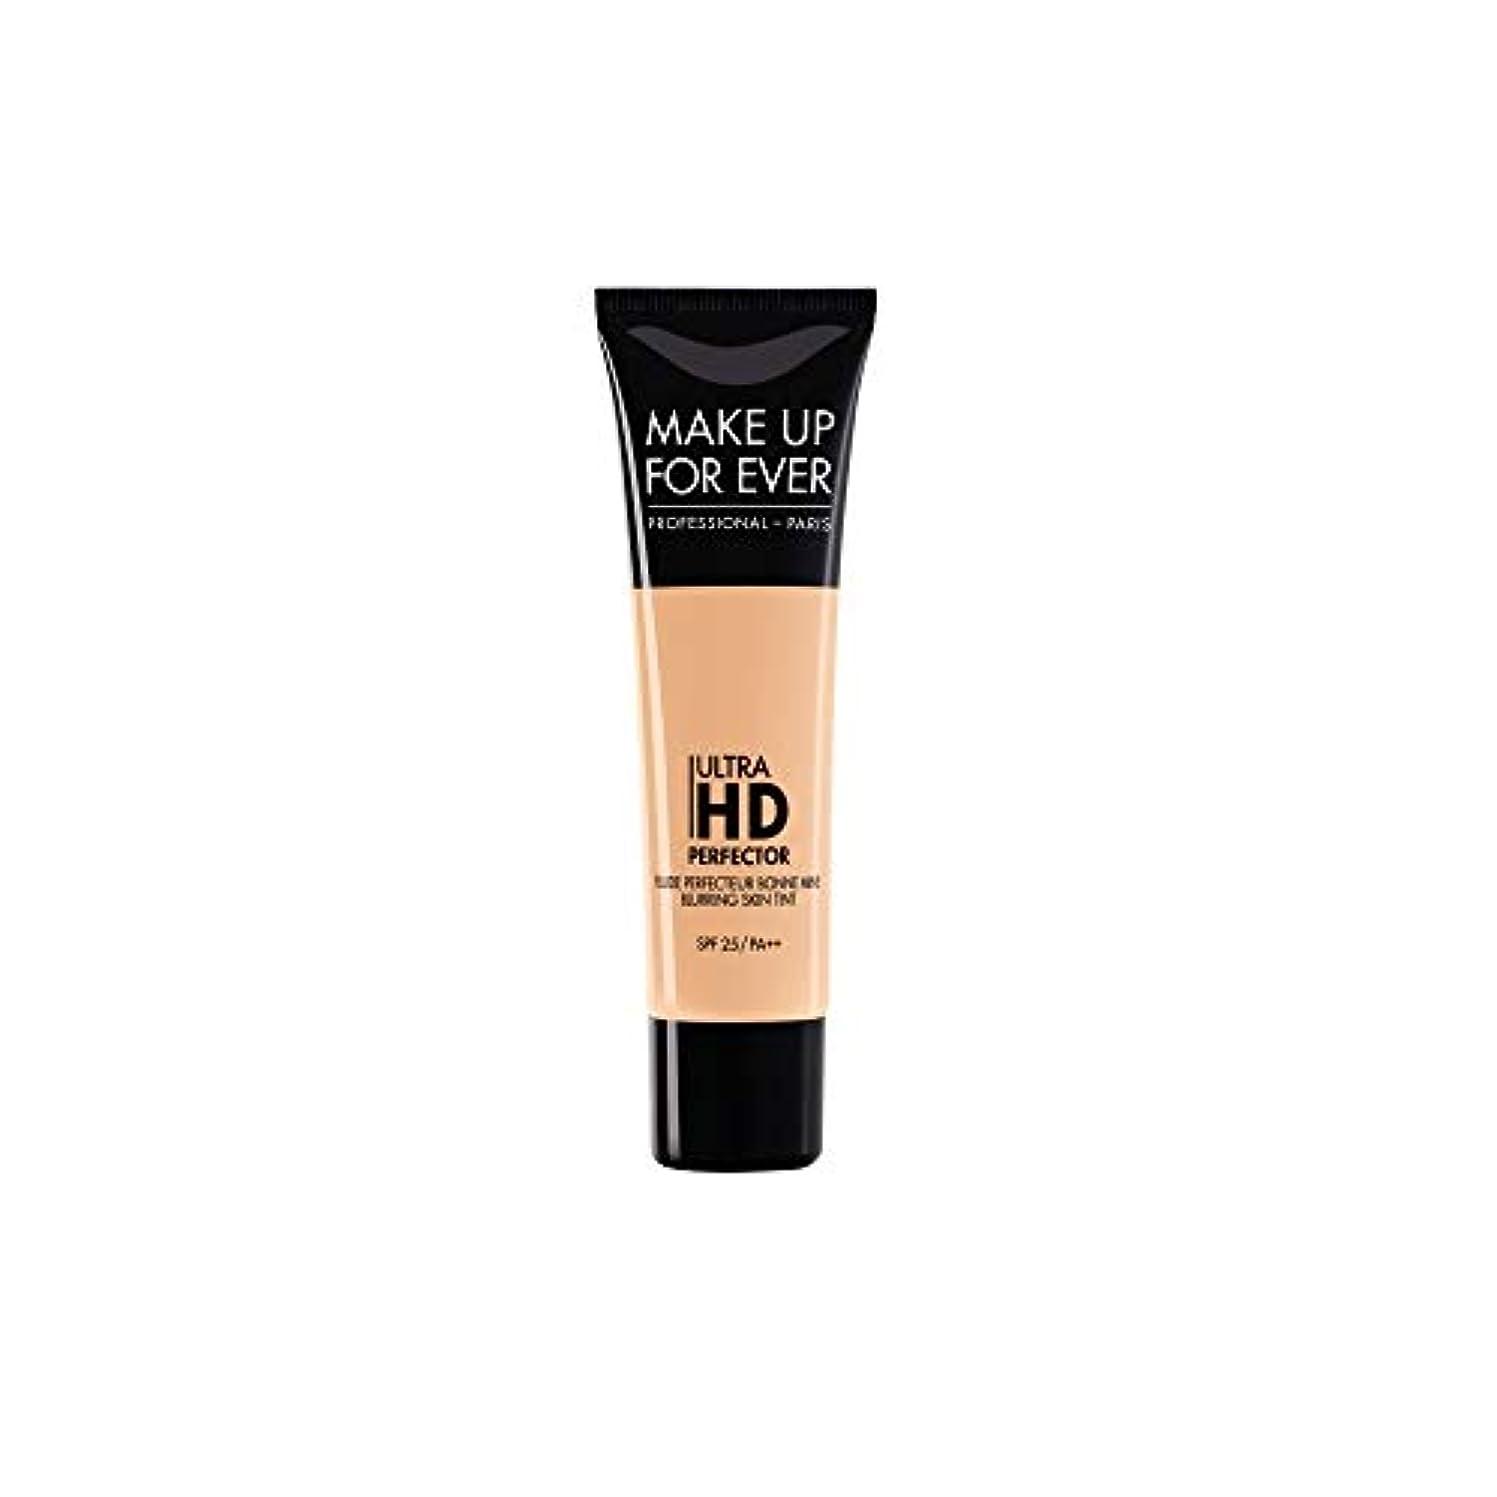 夢中行くキャップメイクアップフォーエバー Ultra HD Perfector Blurring Skin Tint SPF25 - # 05 Sand 30ml/1.01oz並行輸入品